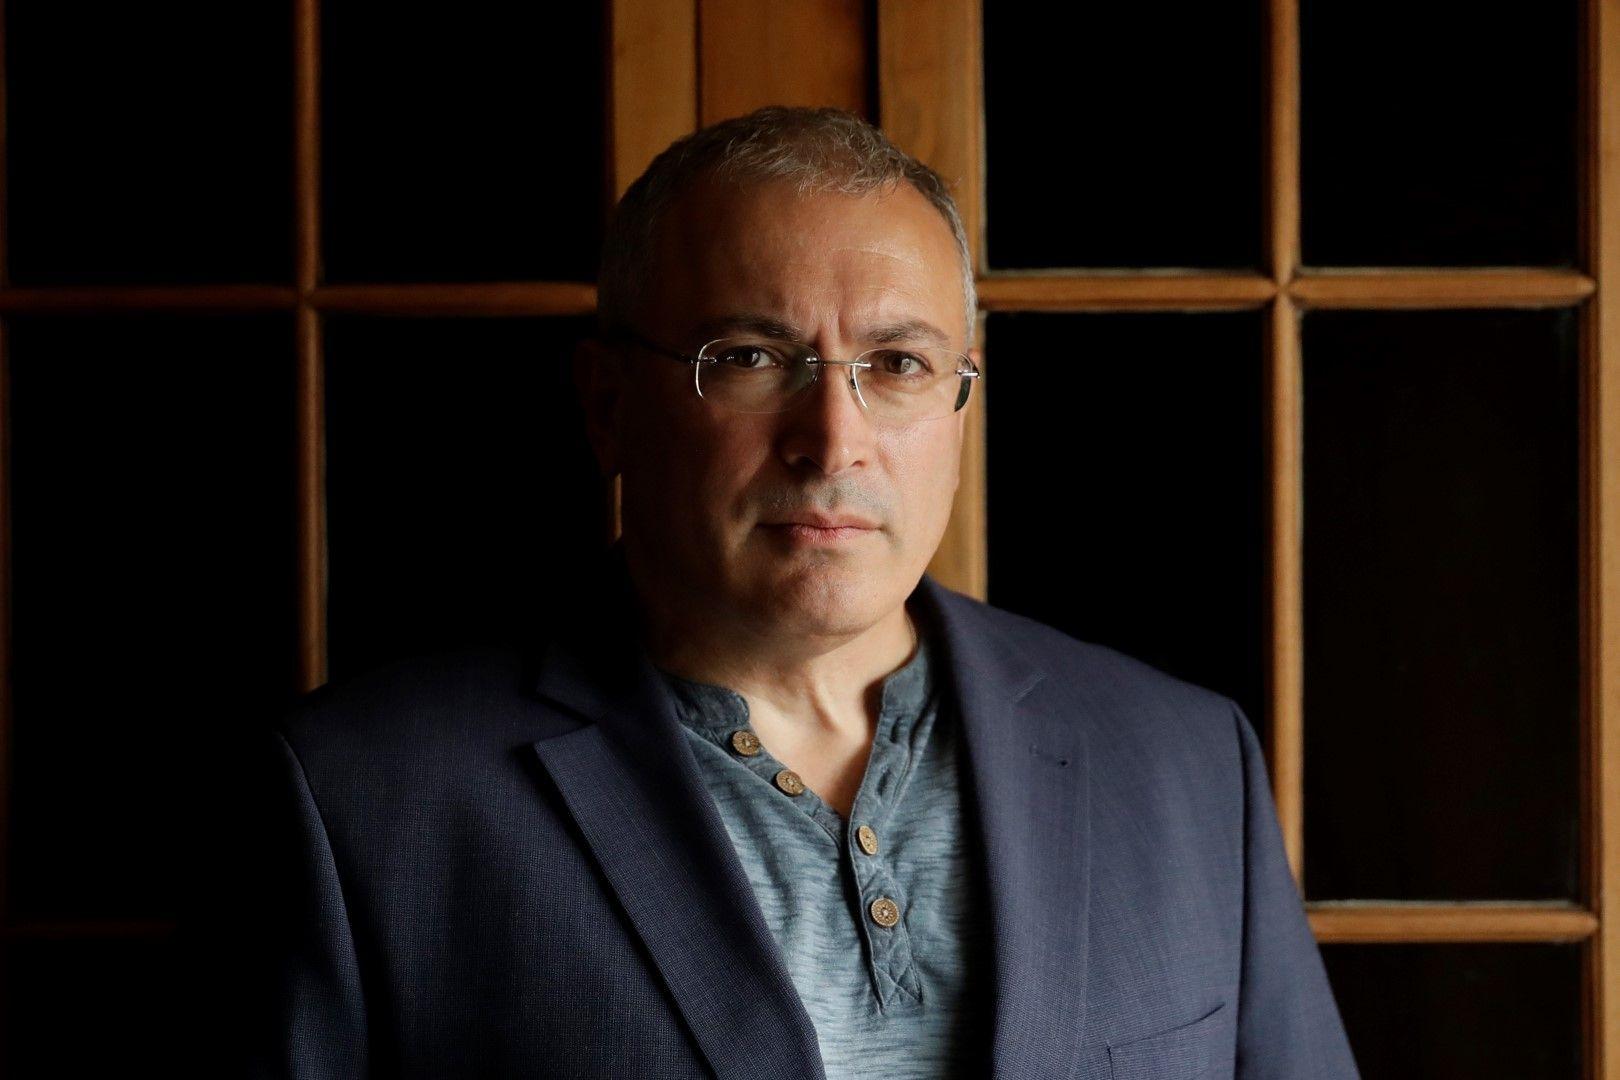 """Михаил Ходорковски - бивш собственик на """"Юкос"""", дава интервю за Асошиейтед прес в Лондон, в деня, в който излезе съдебното решение, 18 февруари"""